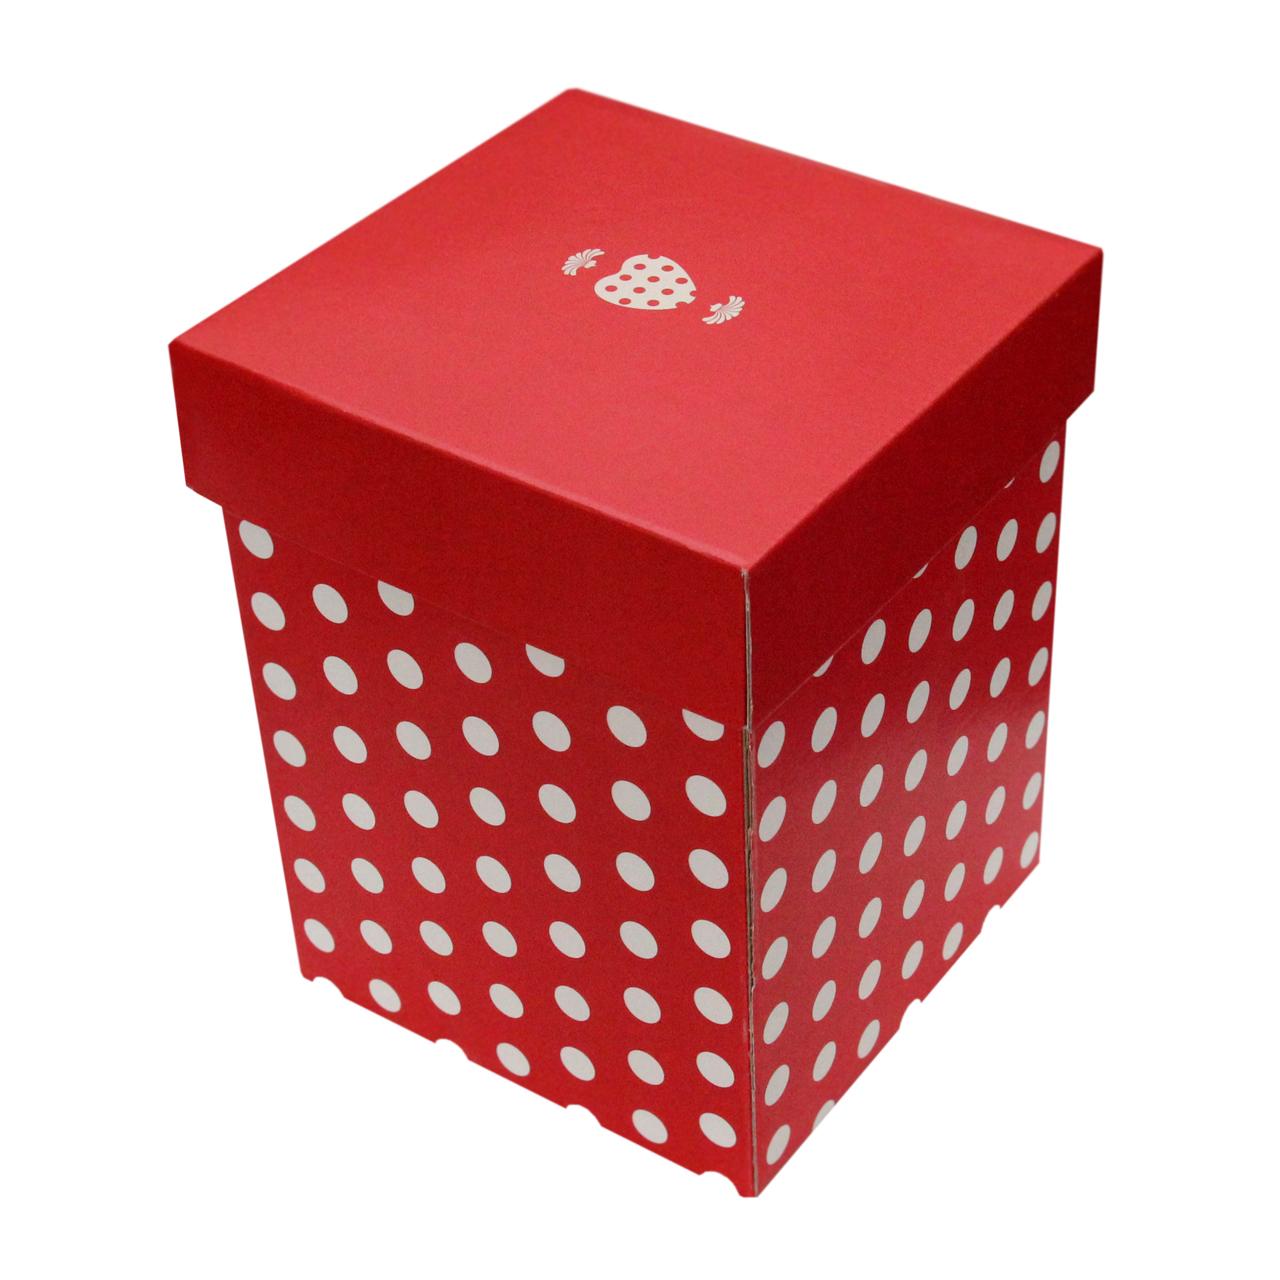 Cutie Pentru Cadou Din Carton Rosu Cu Buline